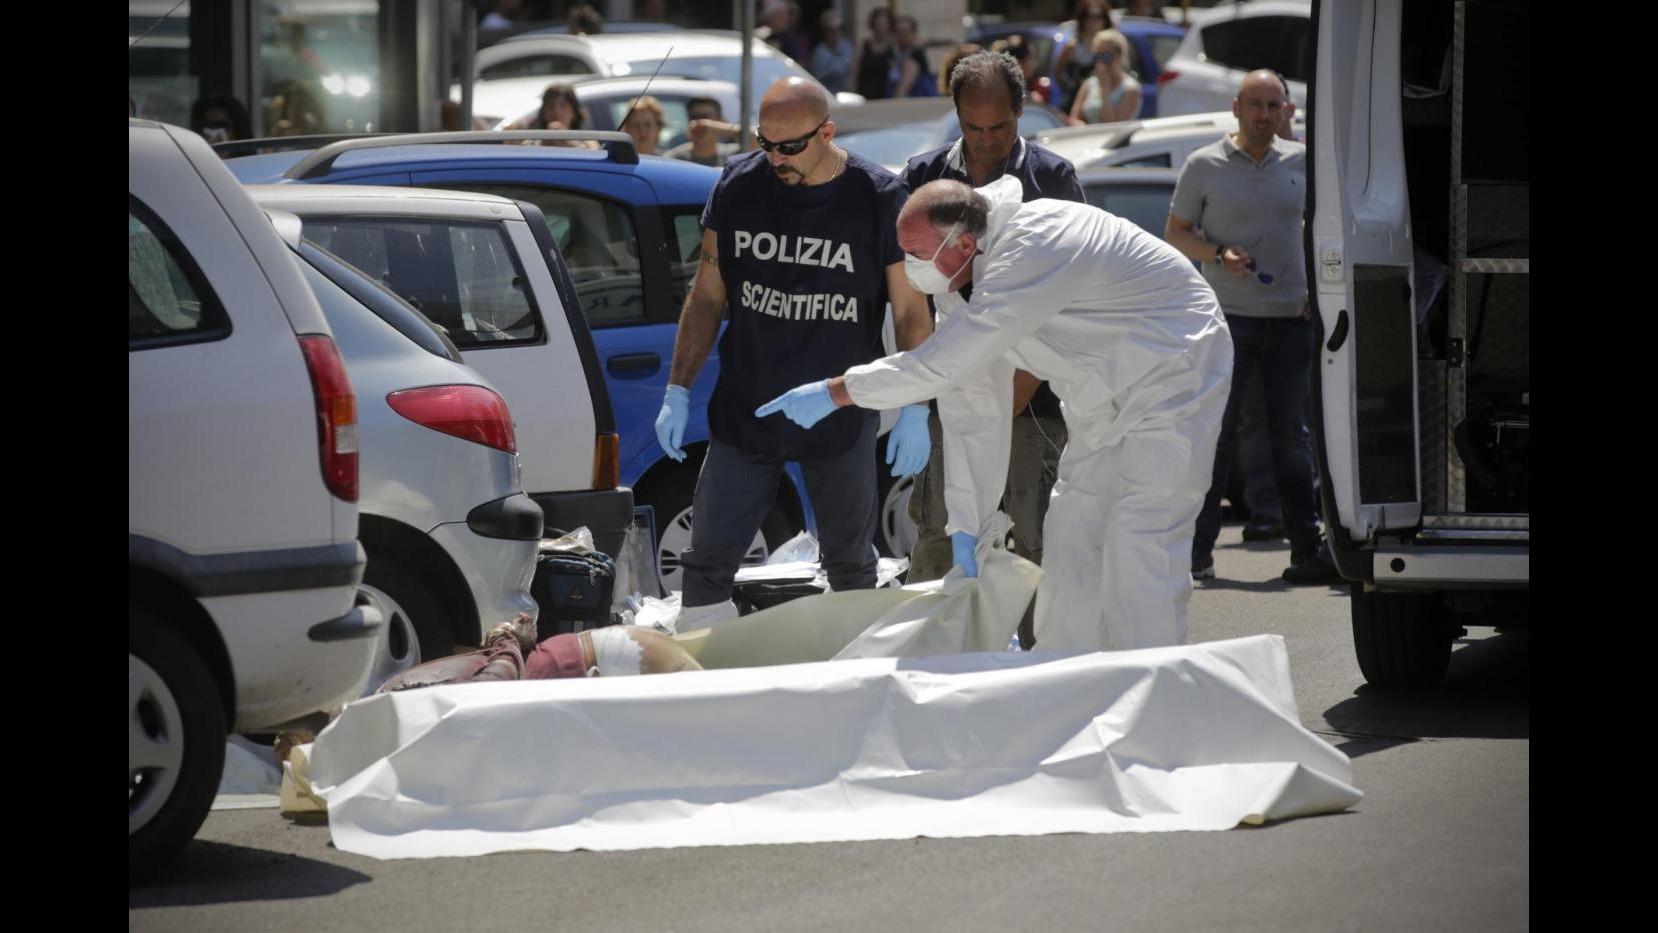 Roma, ucciso e ritrovato in un sacco: fermato un cugino della vittima